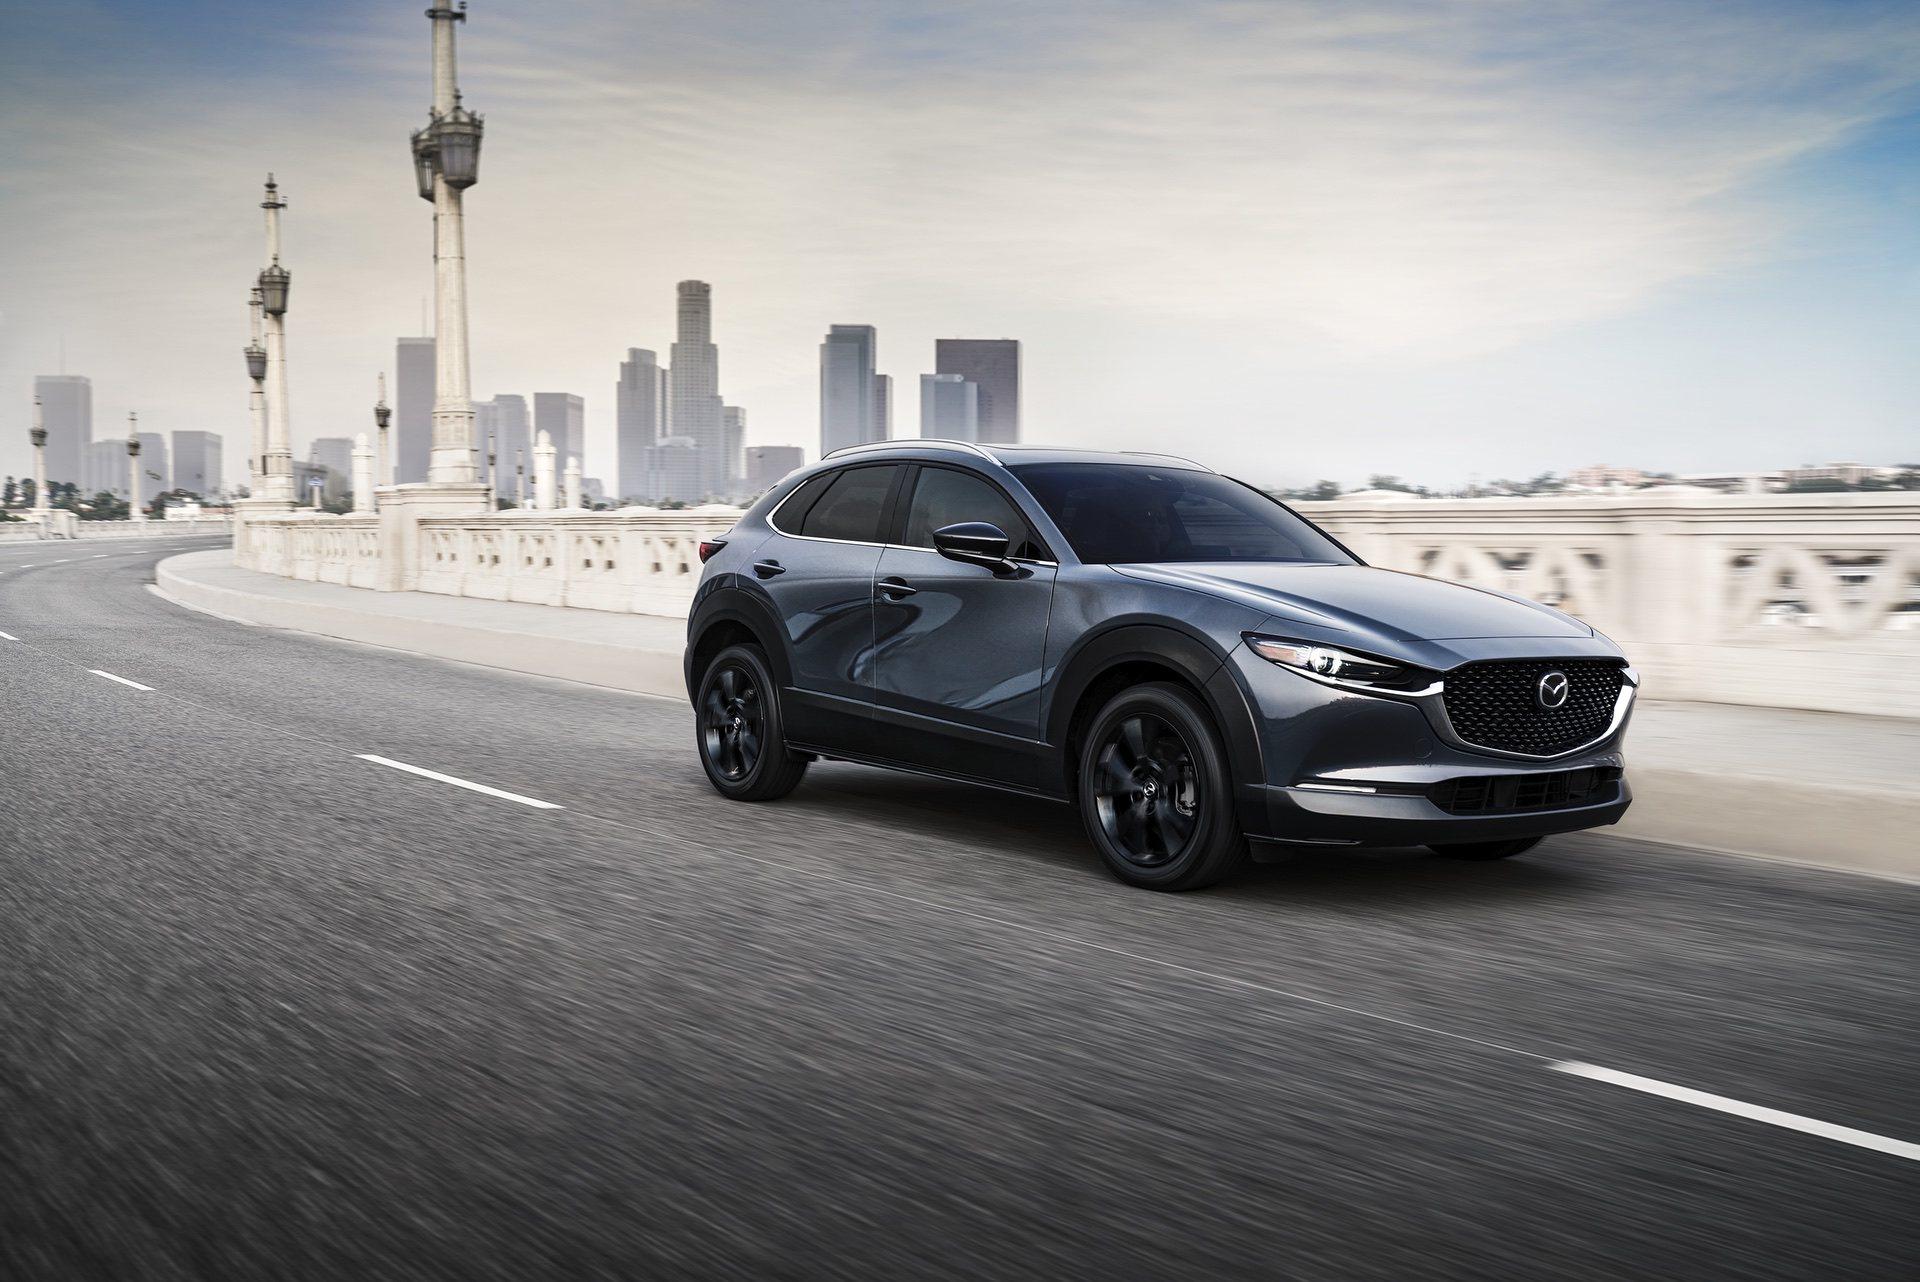 2021-Mazda-CX-30-2.5-Turbo_01